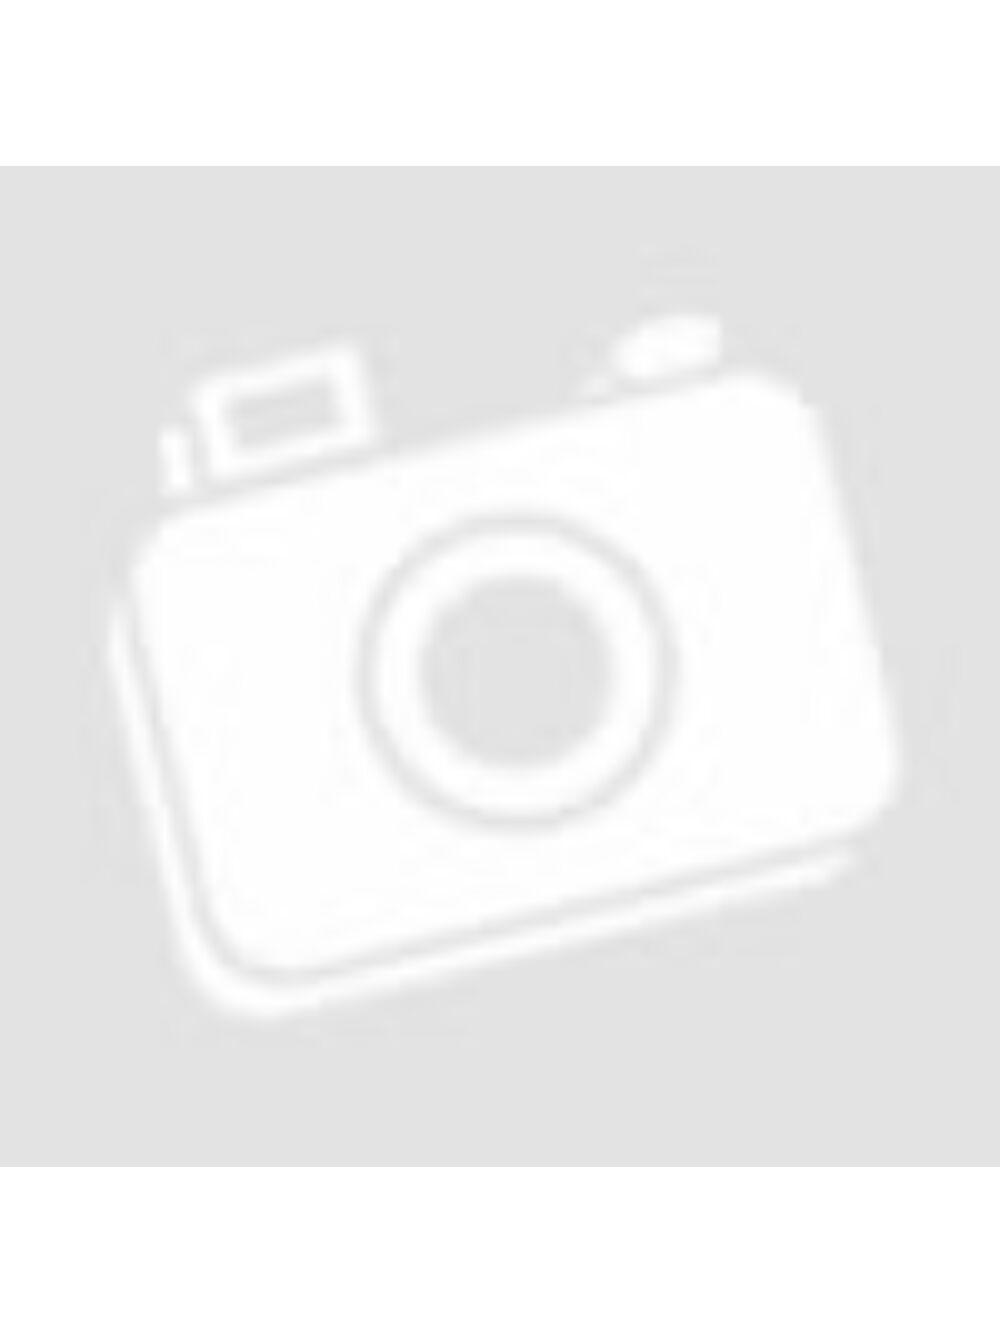 Gyöngy pasztel 25mm - Bordó